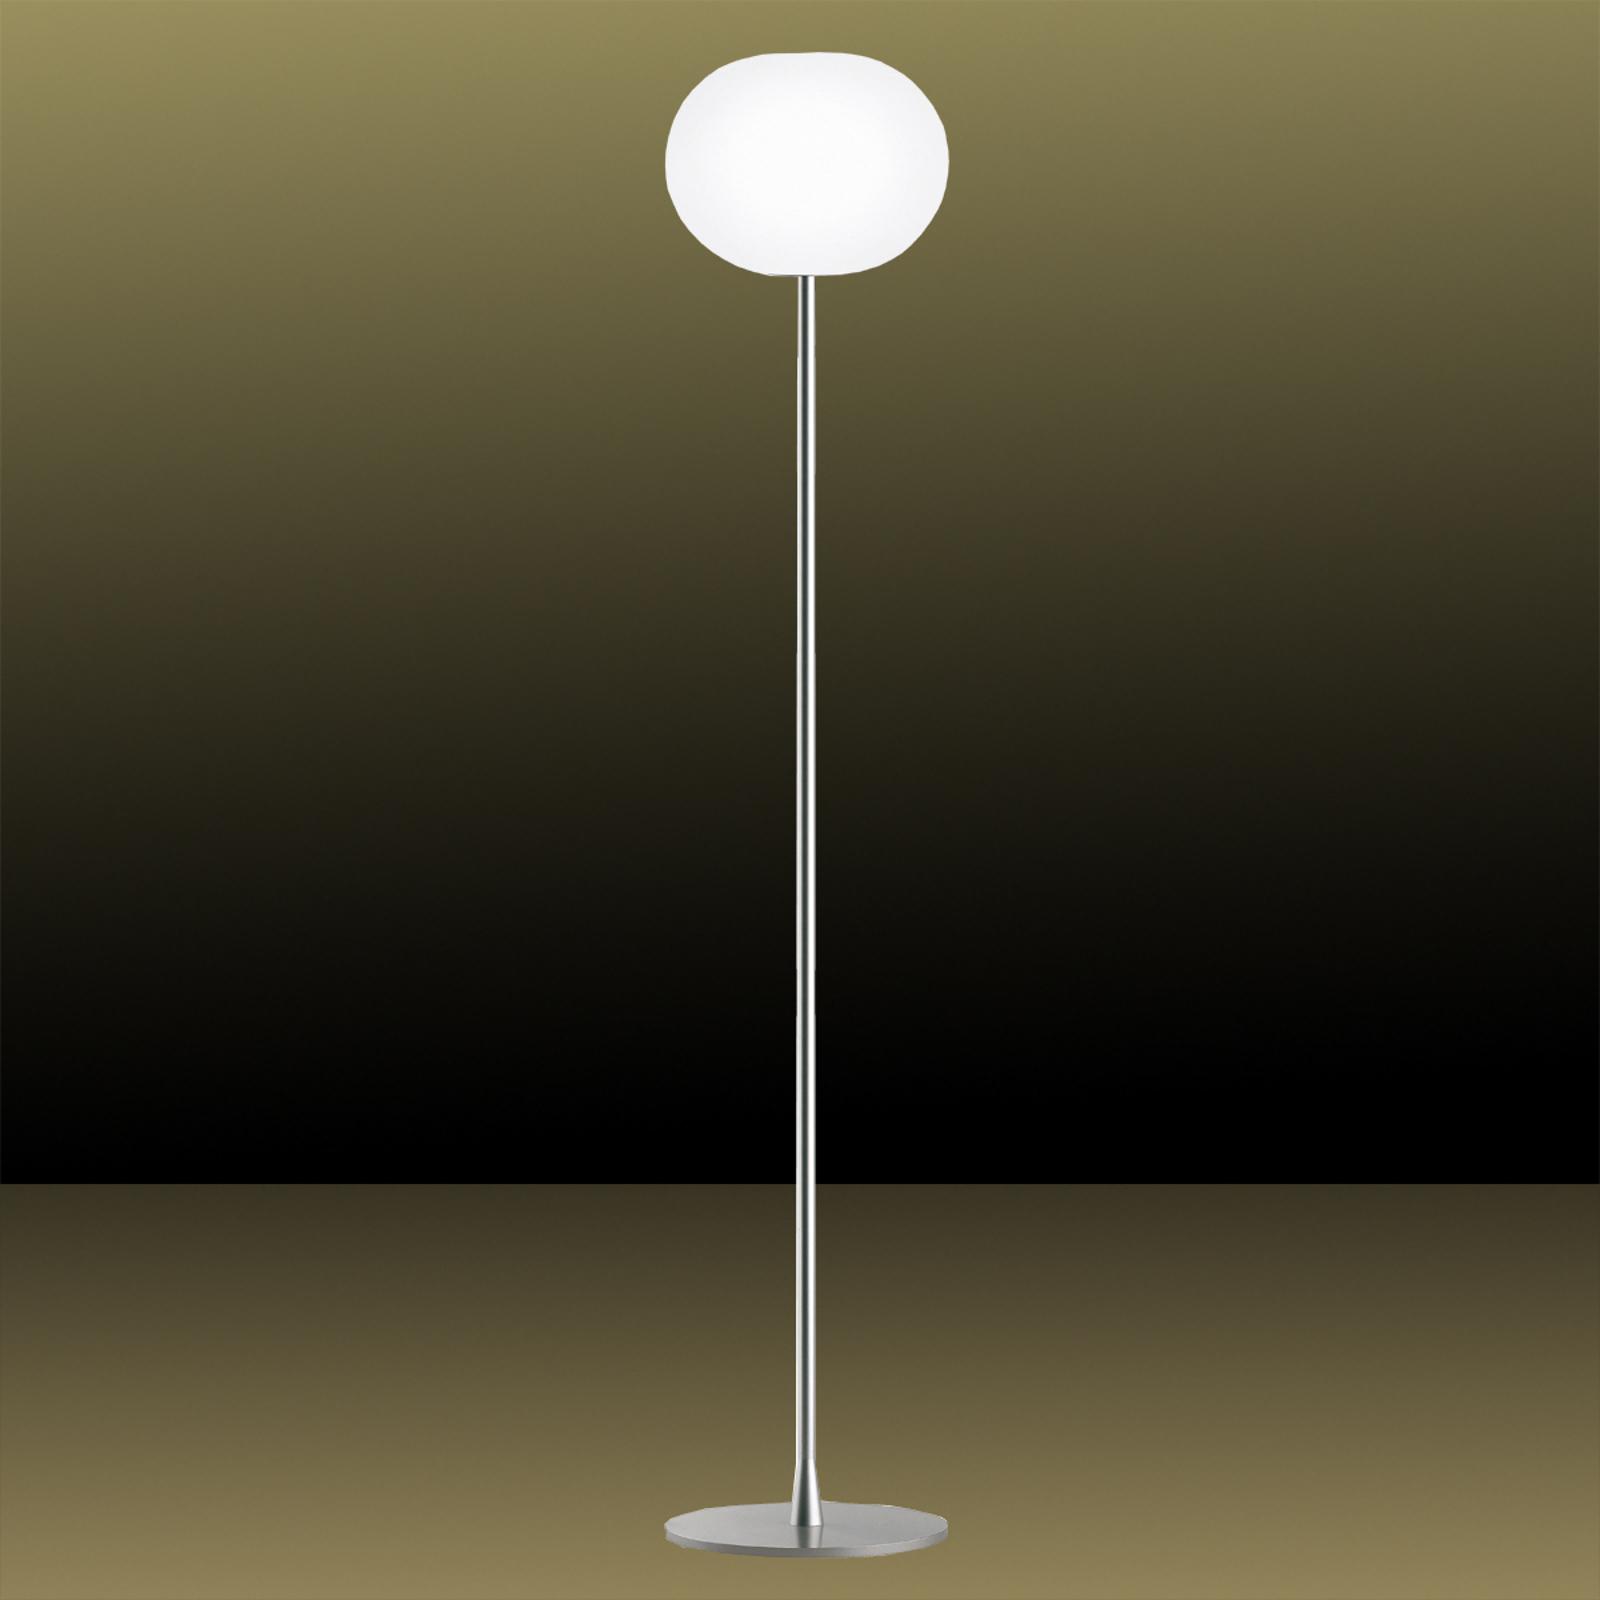 Glo-Ball F2 - designergolvlampa från FLOS